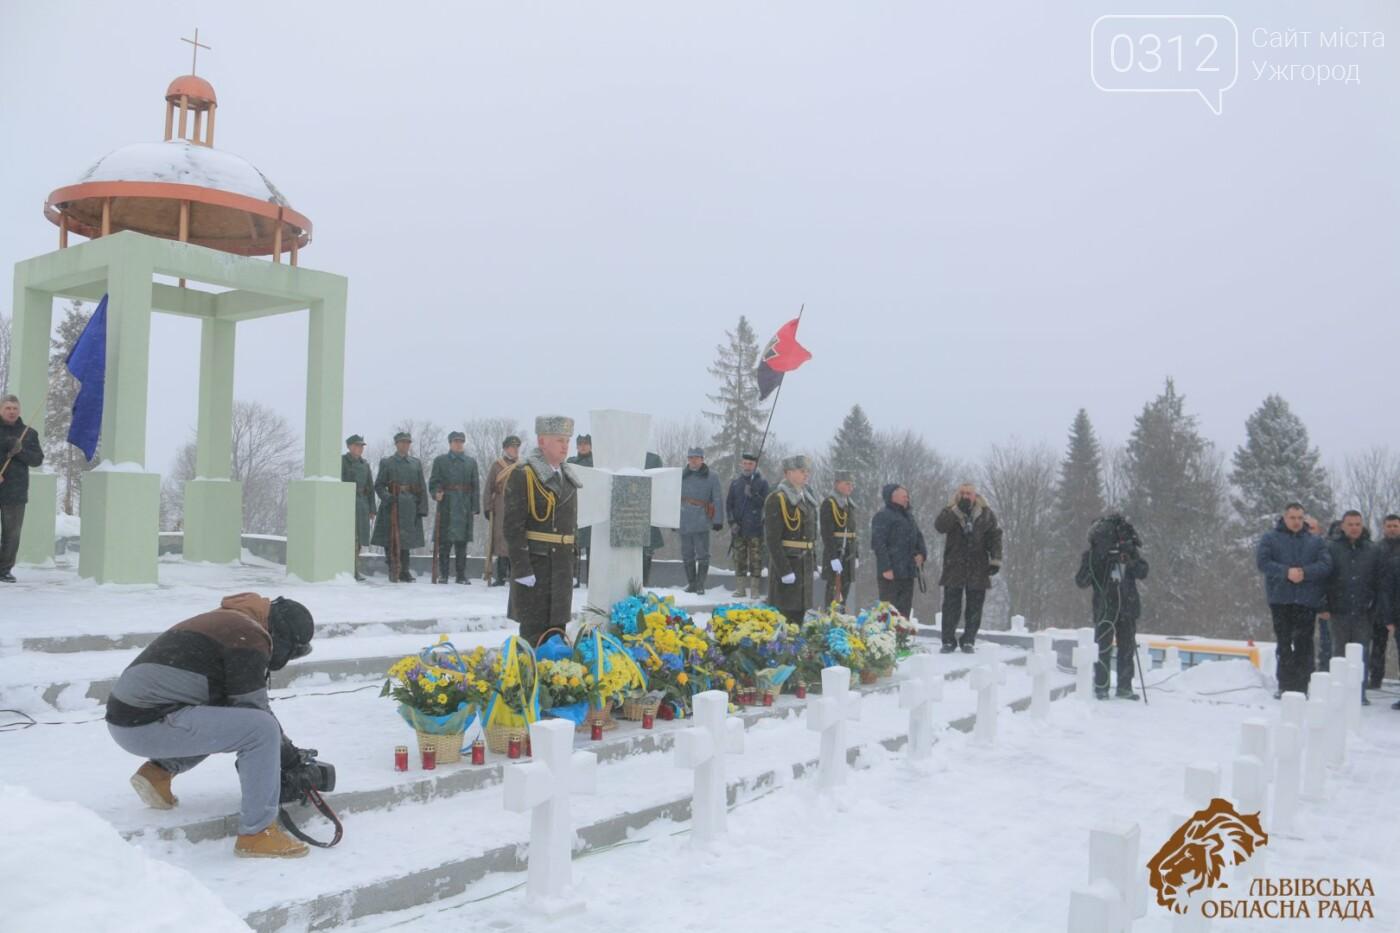 Закарпатці віддали шану полеглим січовикам Карпатської України на Верецькому перевалі (ФОТОРЕПОРТАЖ), фото-11